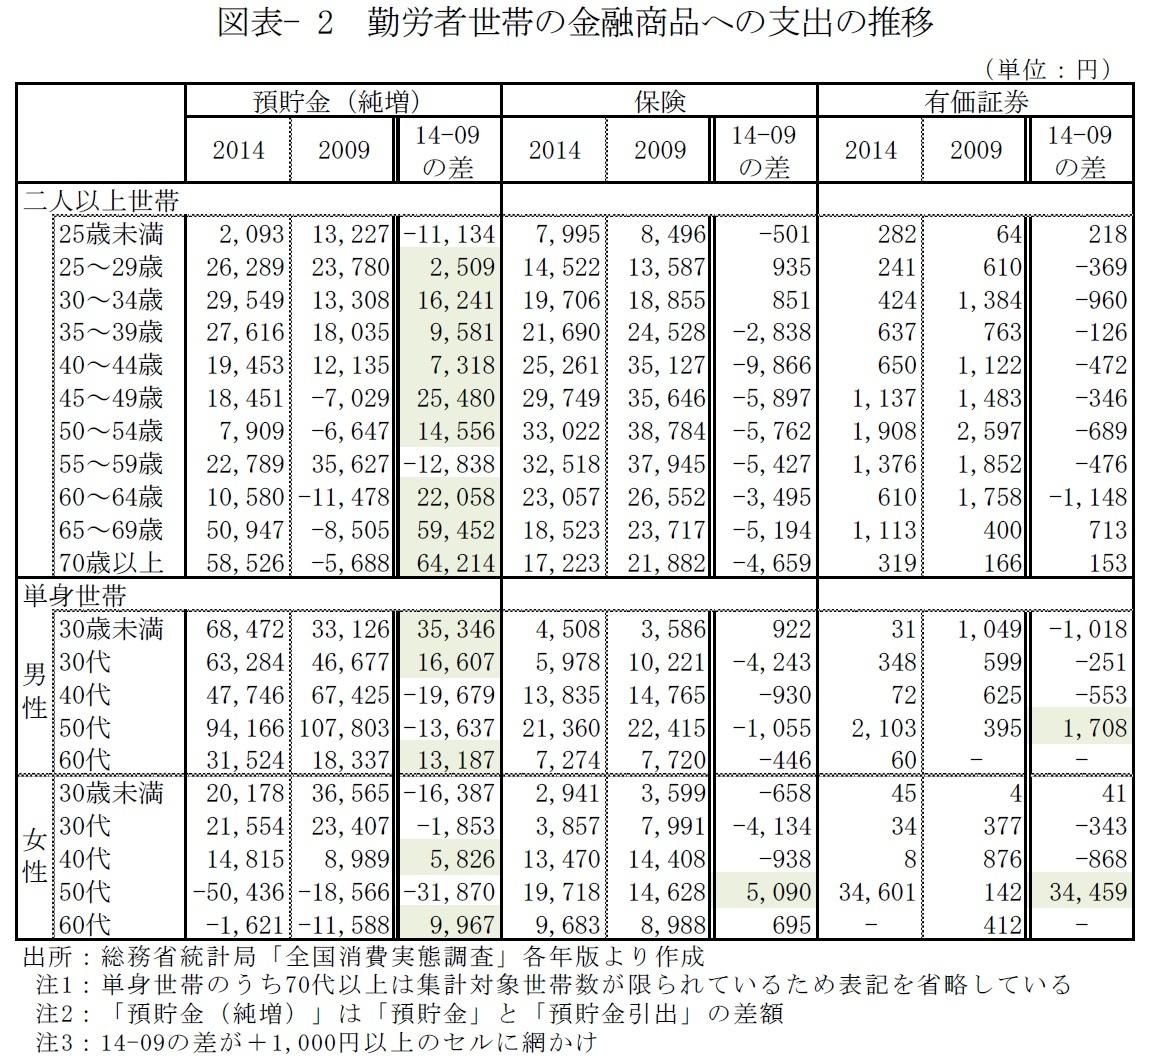 図表- 2 勤労者世帯の金融商品への支出の推移